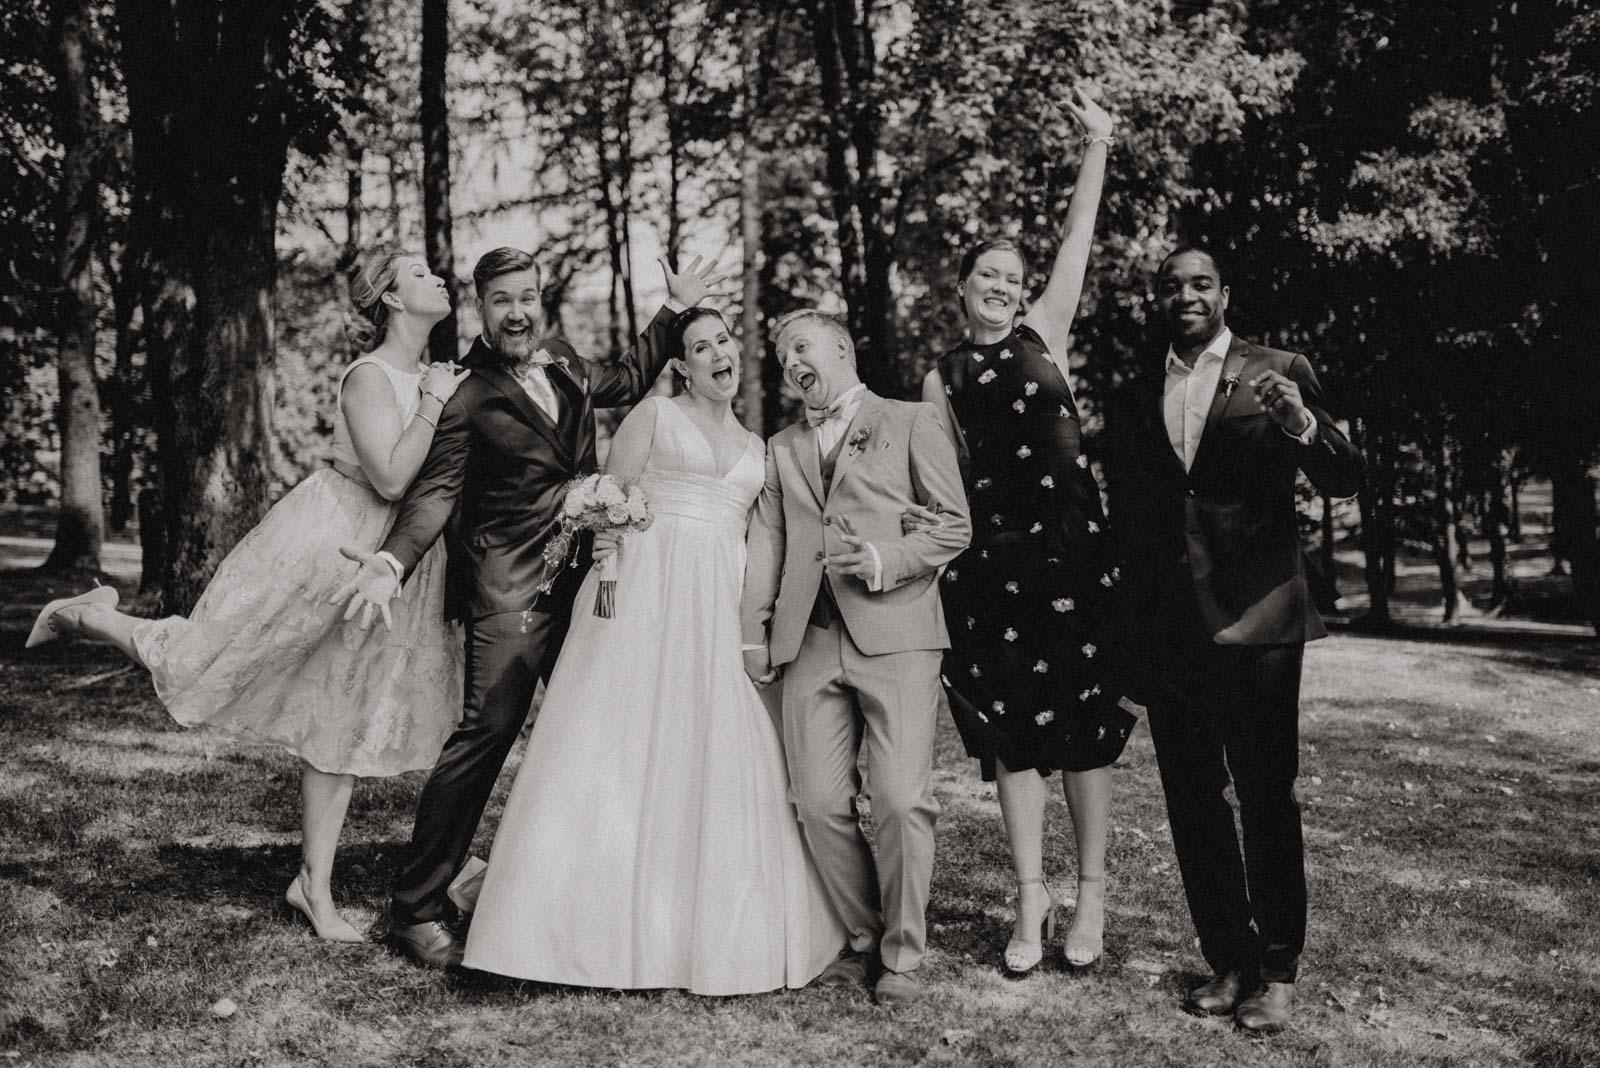 Spaß und verrückte Ideen bei den Familienfotos am hochzeitstag